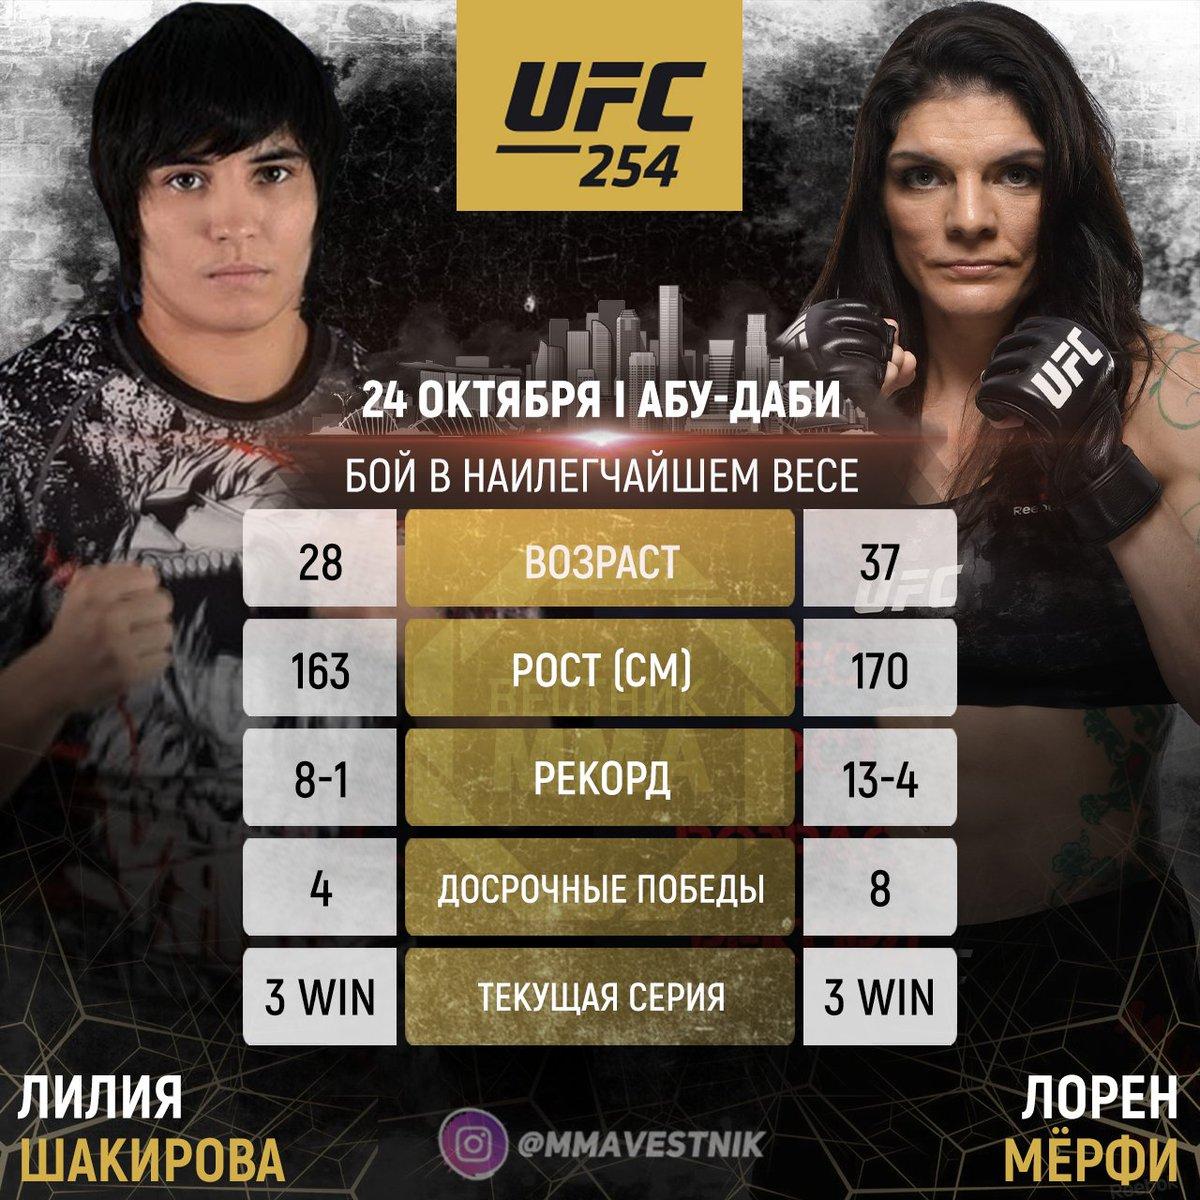 🇺🇿Лилия Шакирова дебютирует в #UFC 24 октября на турнире #UFC254. Лилия заменит Синтию Калвилло, которая выбыла из боя против Лорен Мёрфи (UFC 5-4) из за положительного теста на COVID-19.  Источник: @NickBaldwinMMA https://t.co/Imj9R50myj